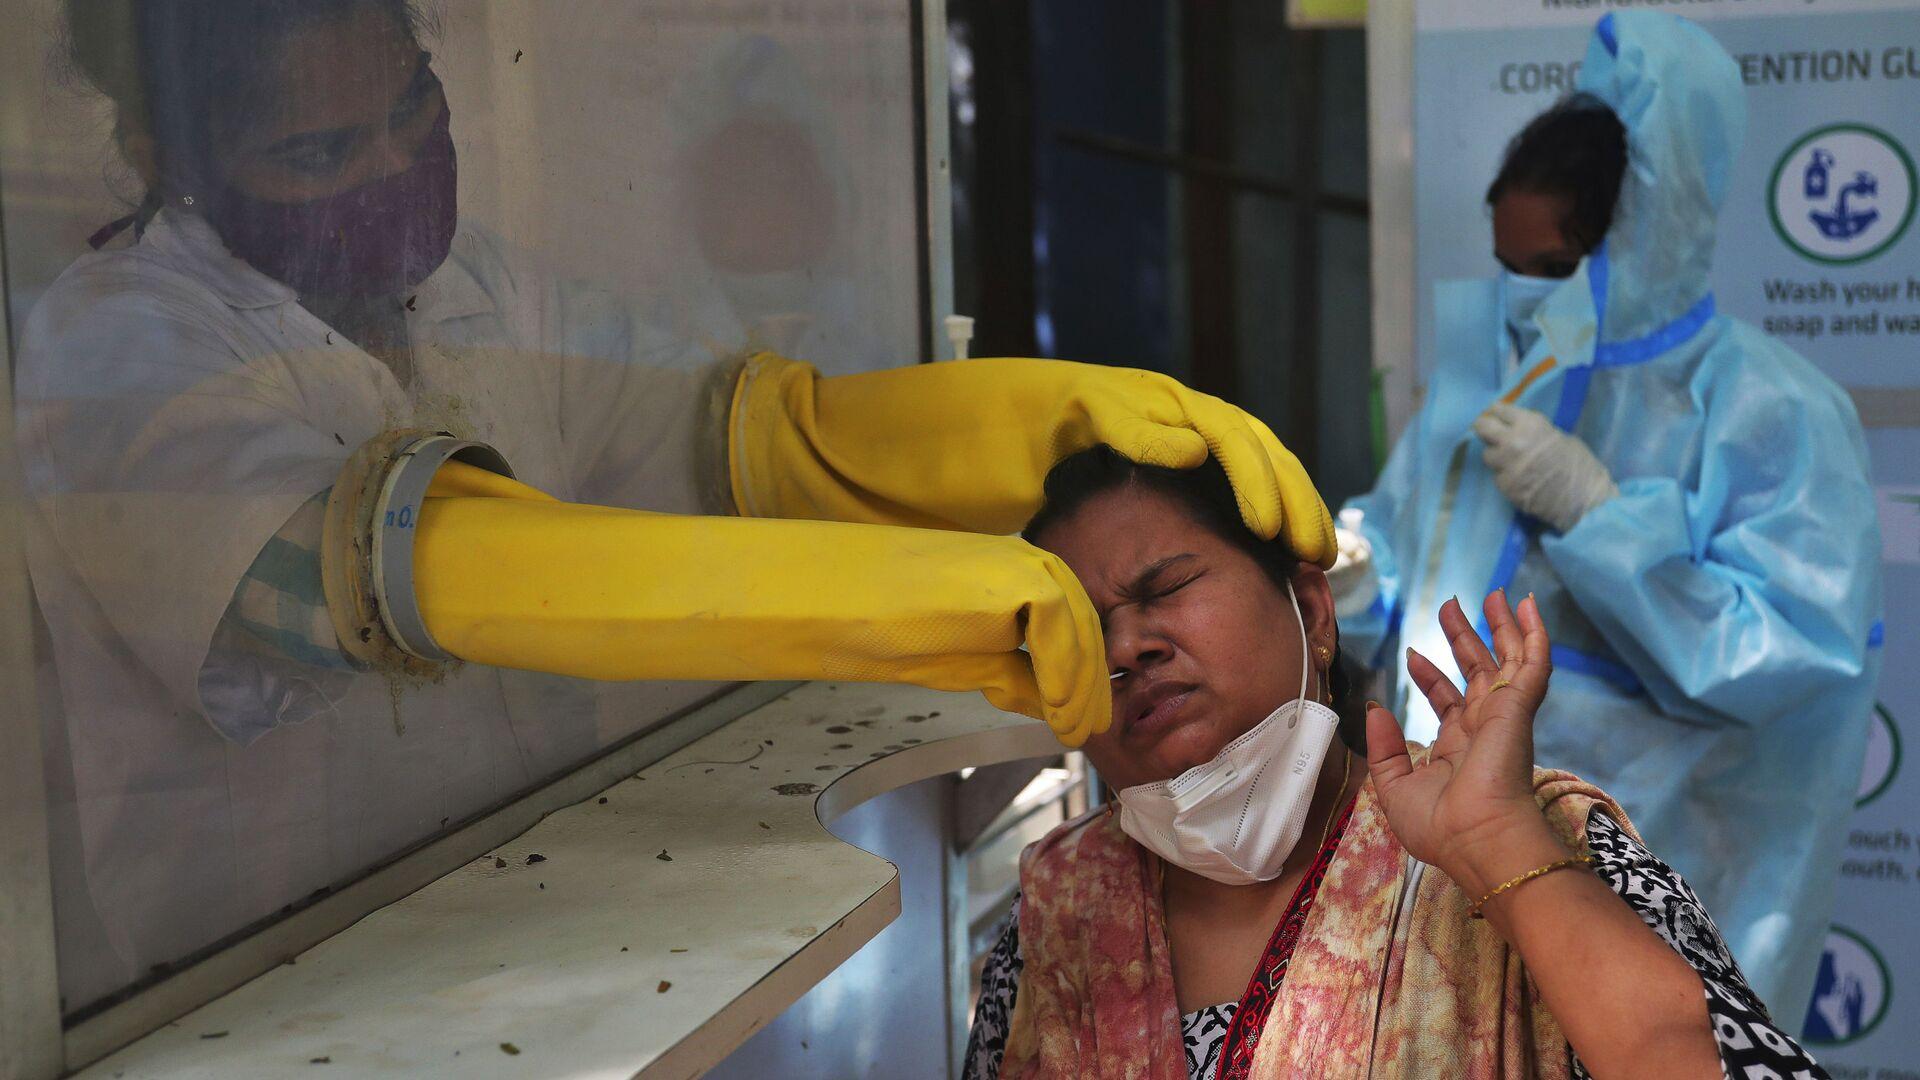 Медицинский работник проводит тест в Индии - Sputnik Italia, 1920, 20.05.2021